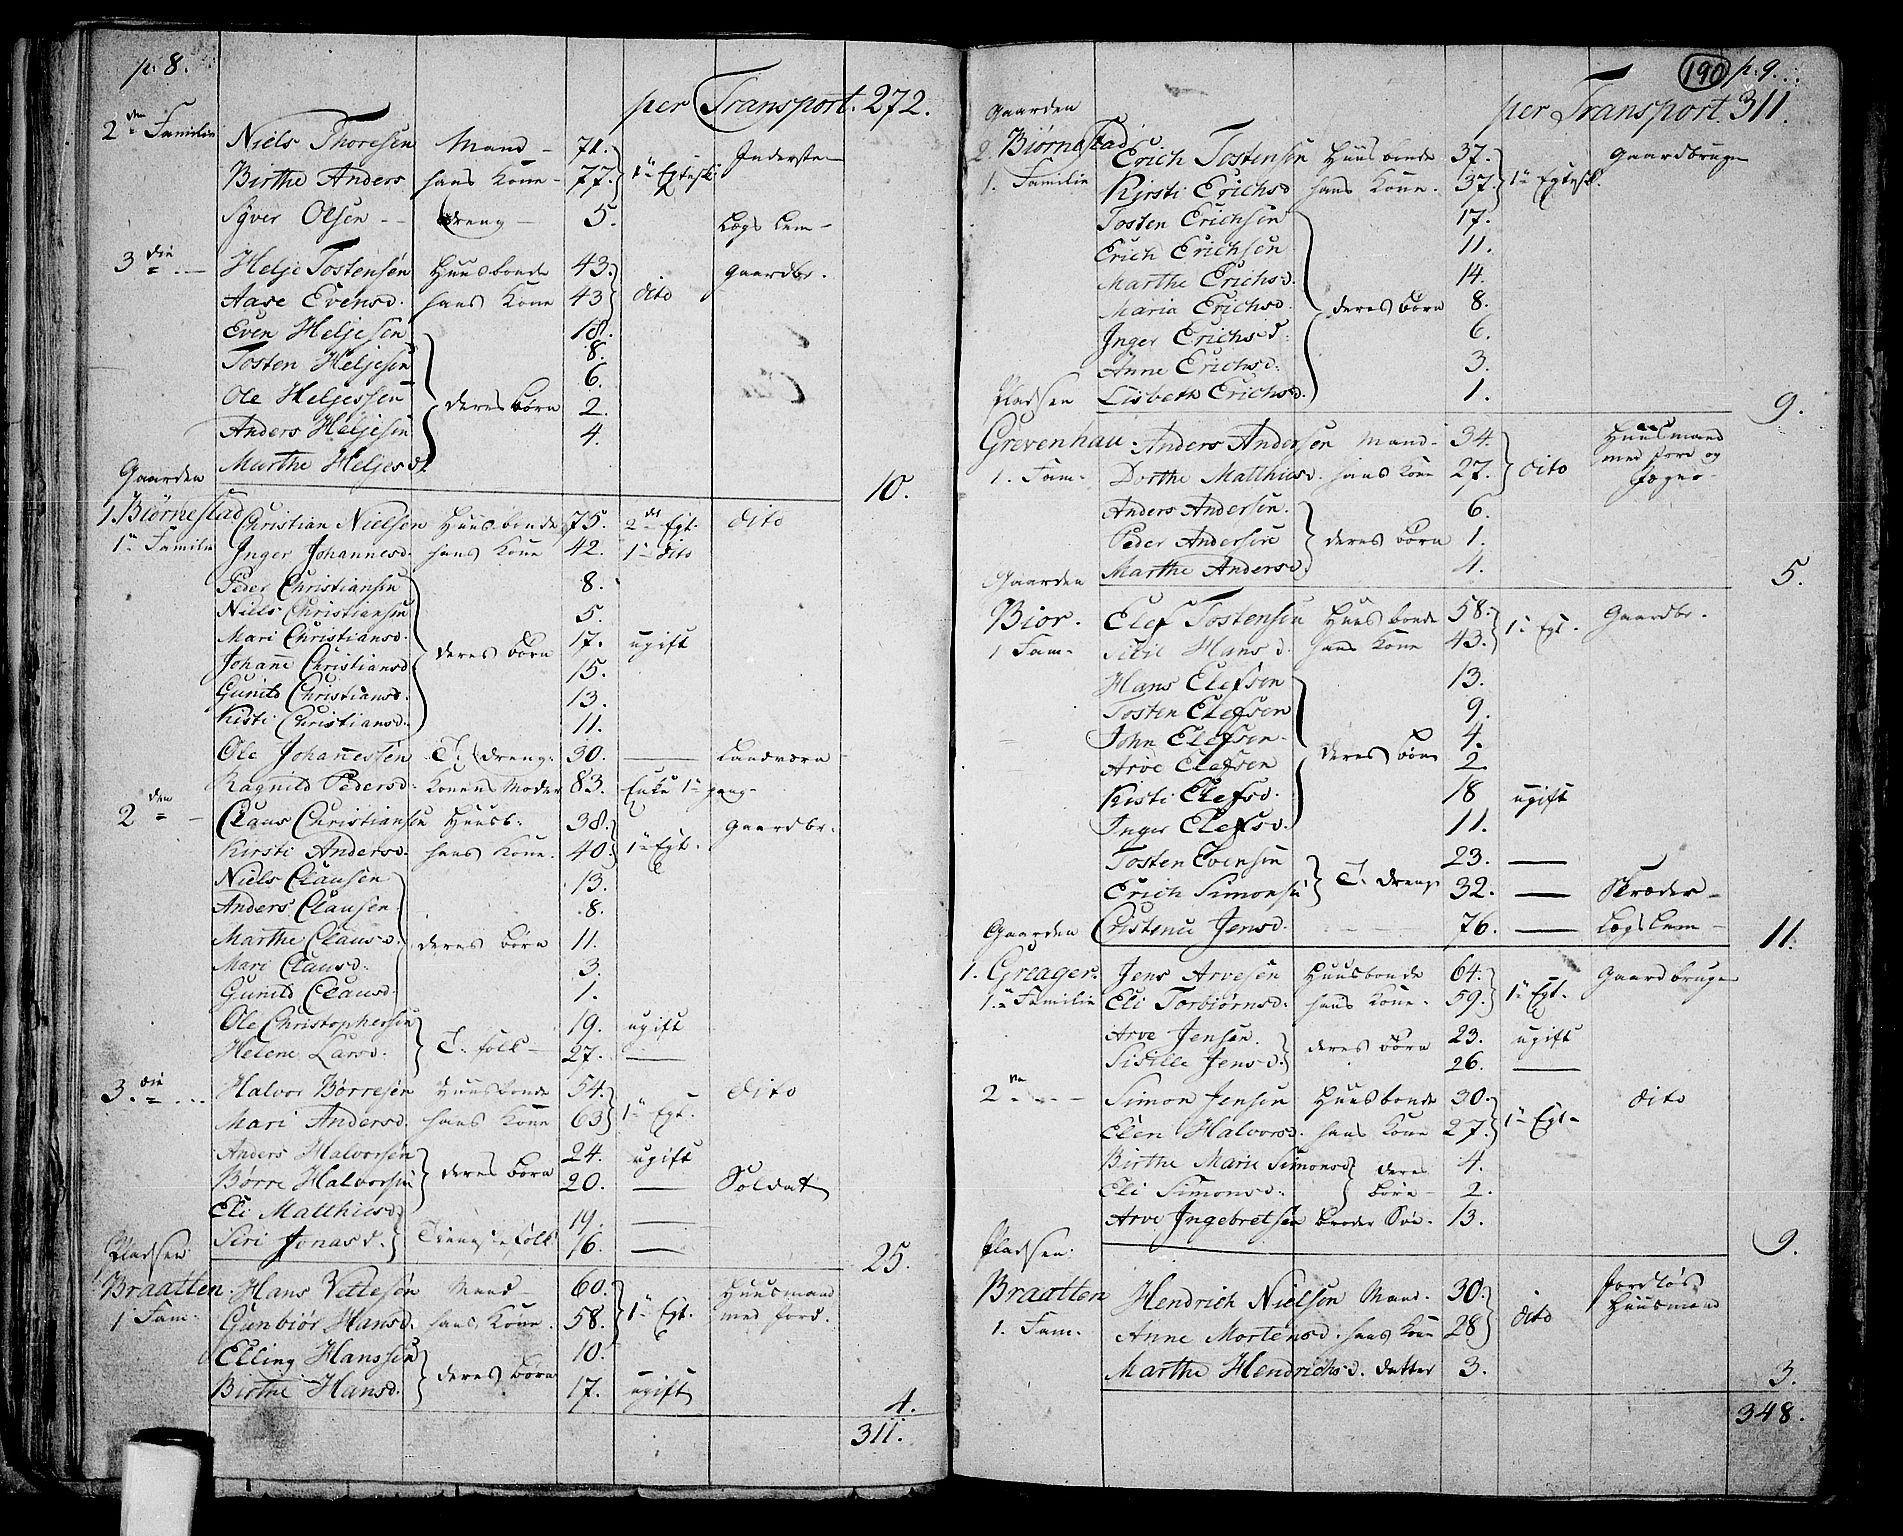 RA, Folketelling 1801 for 0130P Tune prestegjeld, 1801, s. 189b-190a